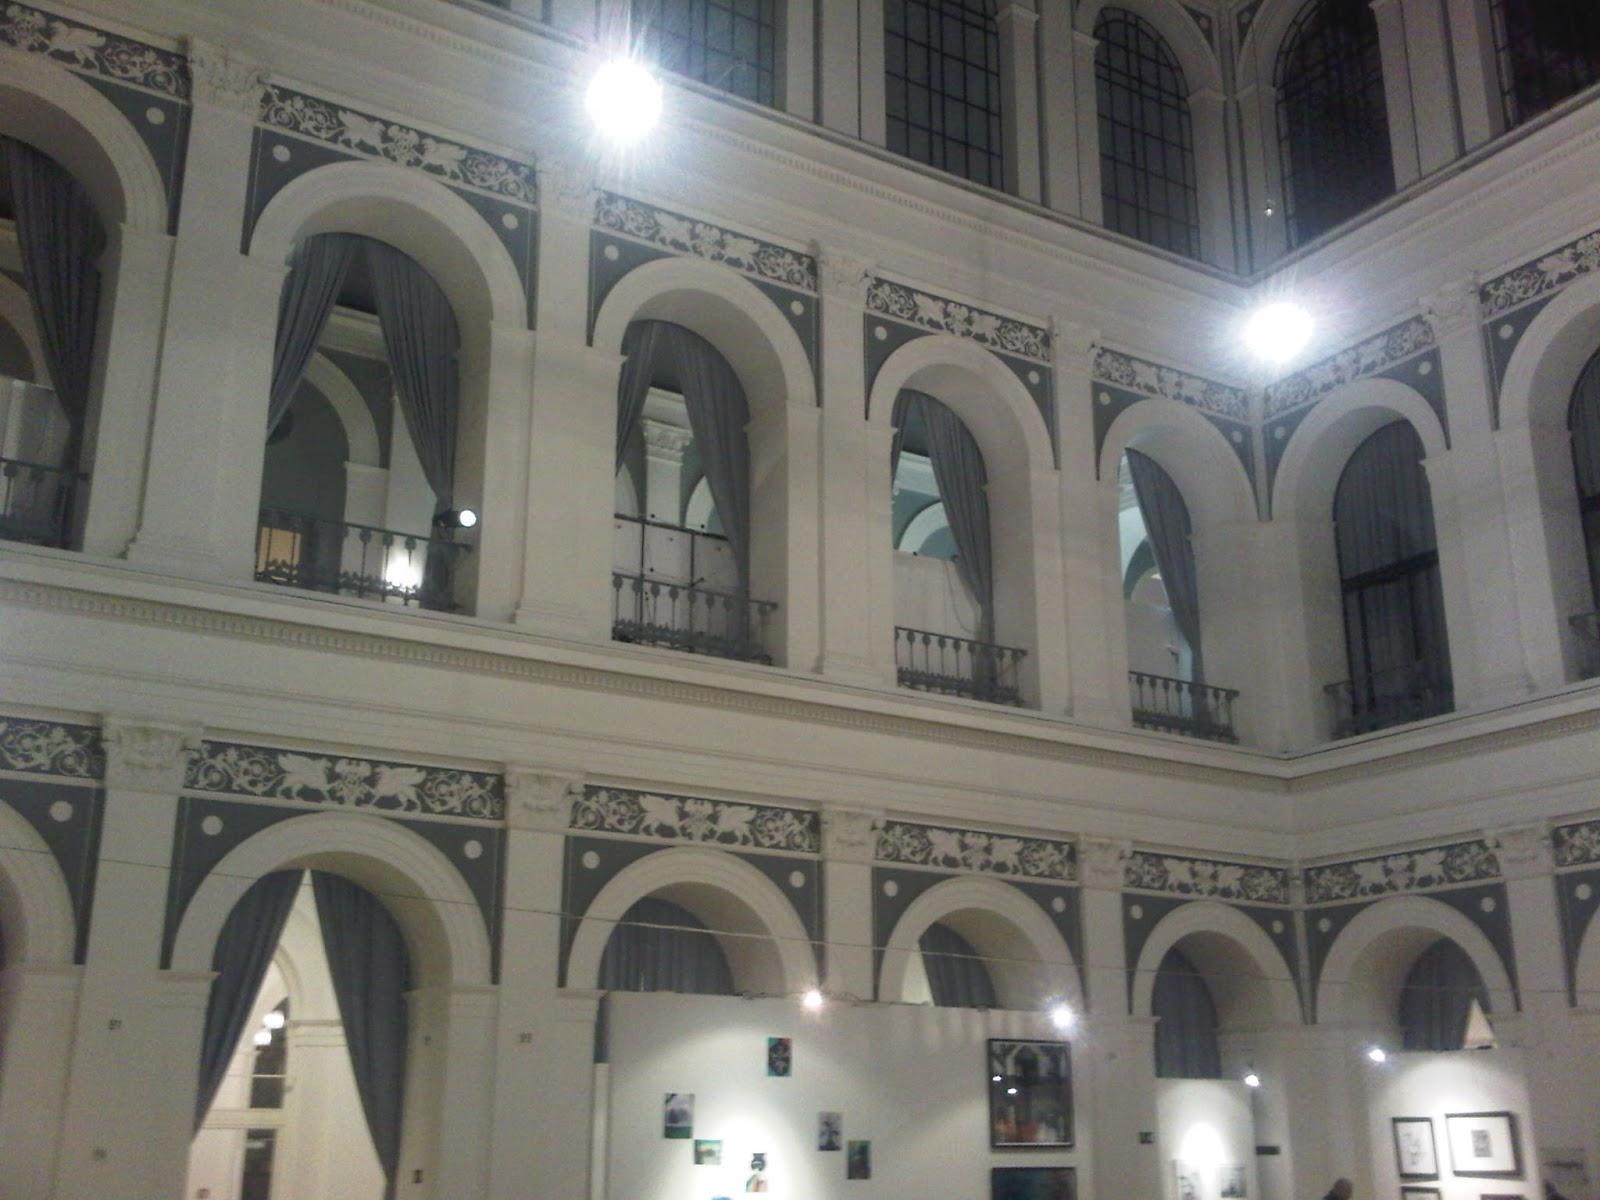 Handelskammer Hamburg - Säle